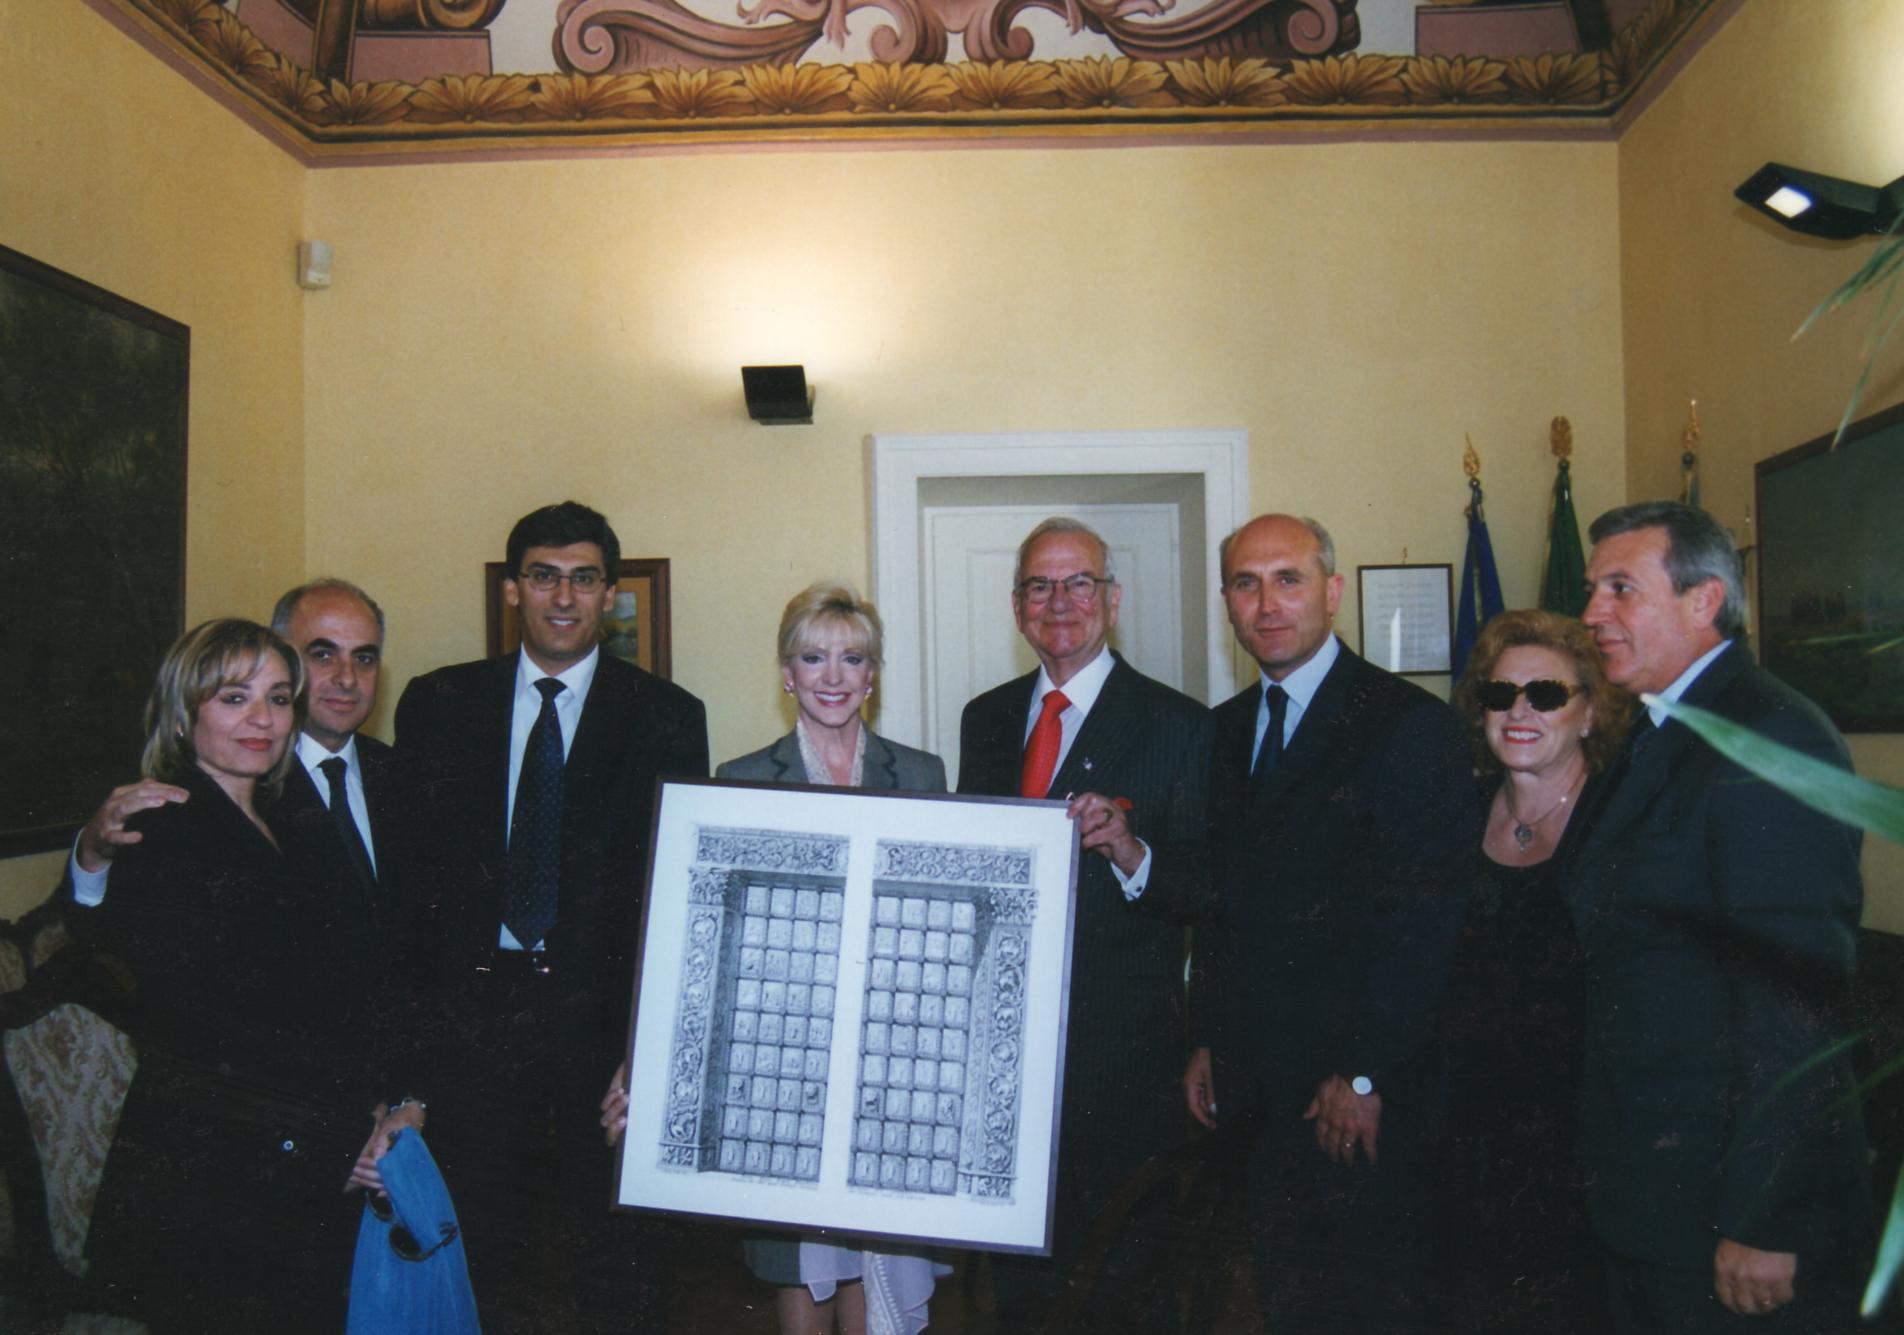 Cordoglio per la scomparsa di Antonio Lidio Iacocca, protagonista della storia industriale a stelle e strisce